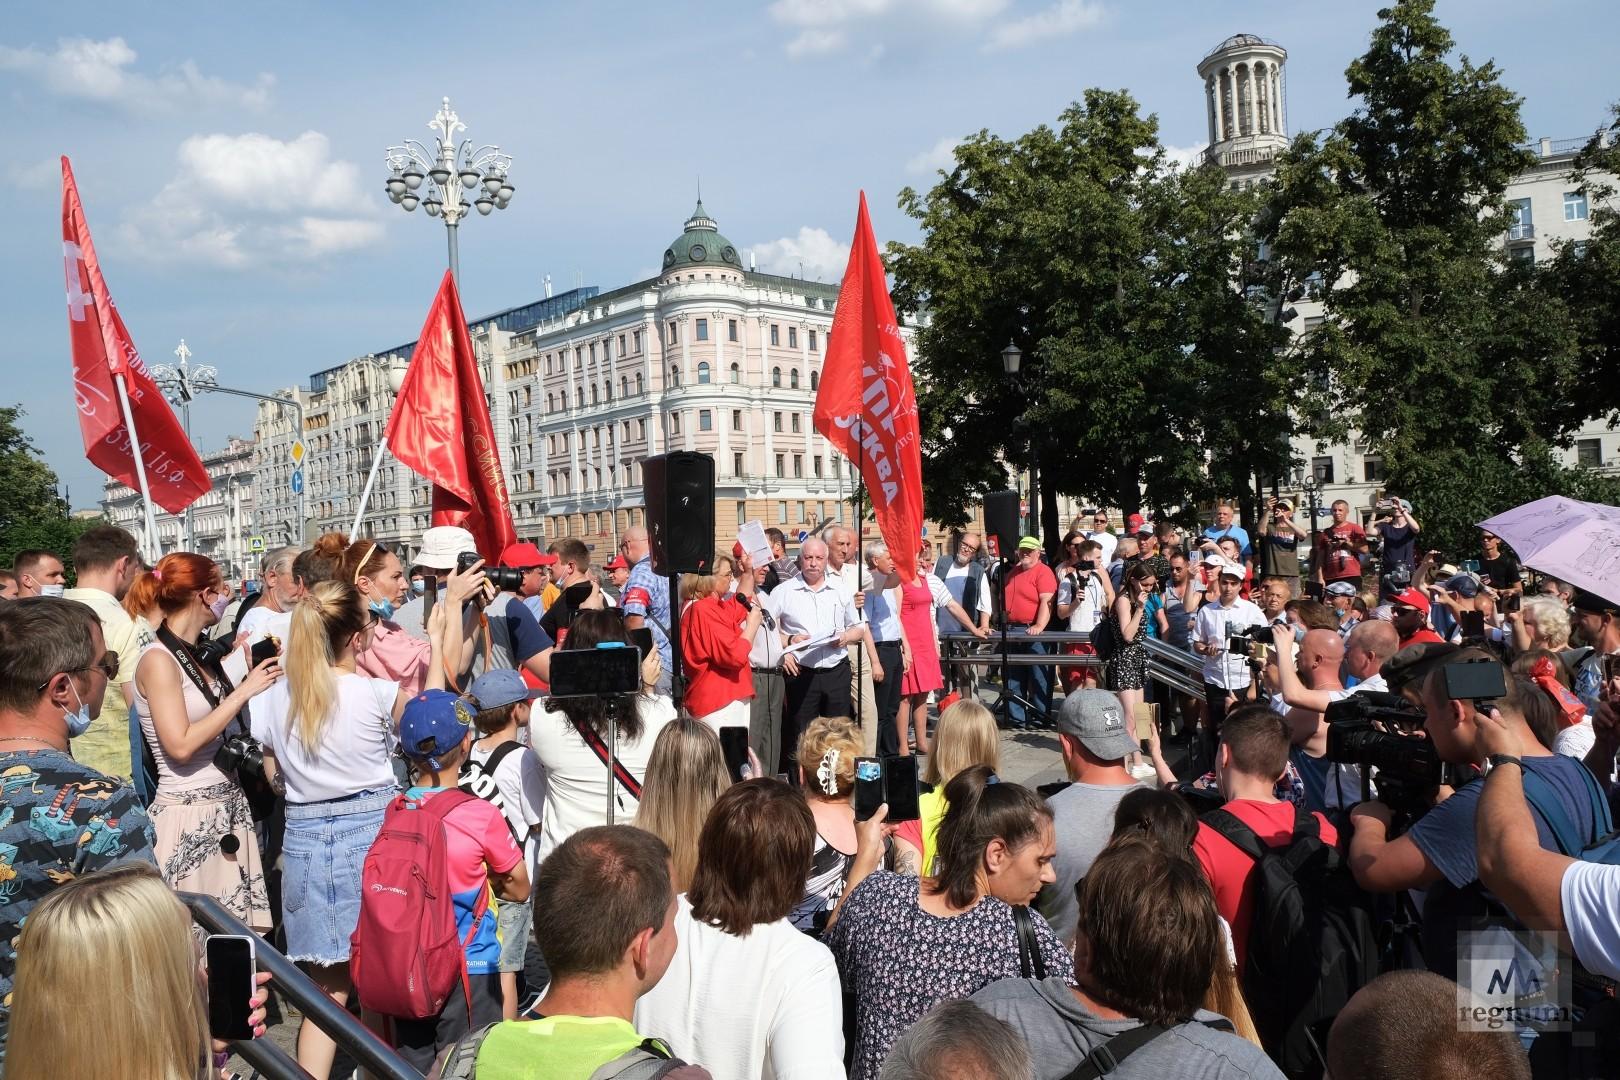 В Москве прошла встреча активистов против принудительной вакцинации — фото  - ИА REGNUM